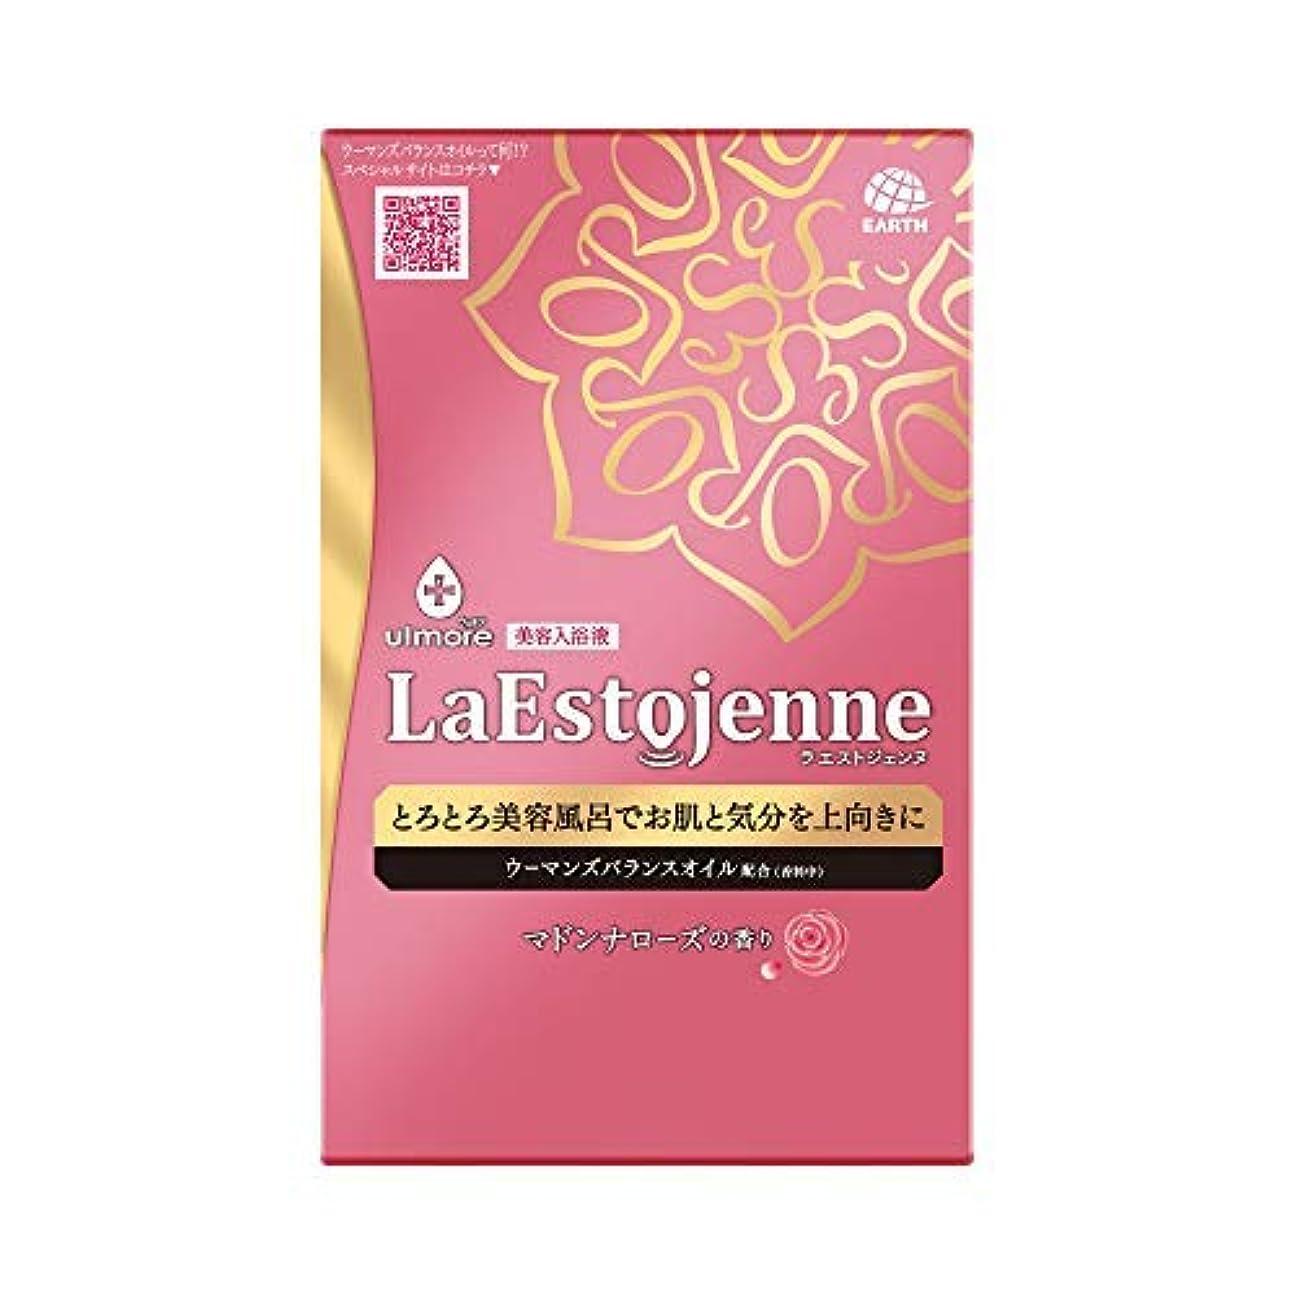 ネクタイパーティー漏れウルモア ラエストジェンヌ マドンナローズの香り 3包入り × 4個セット